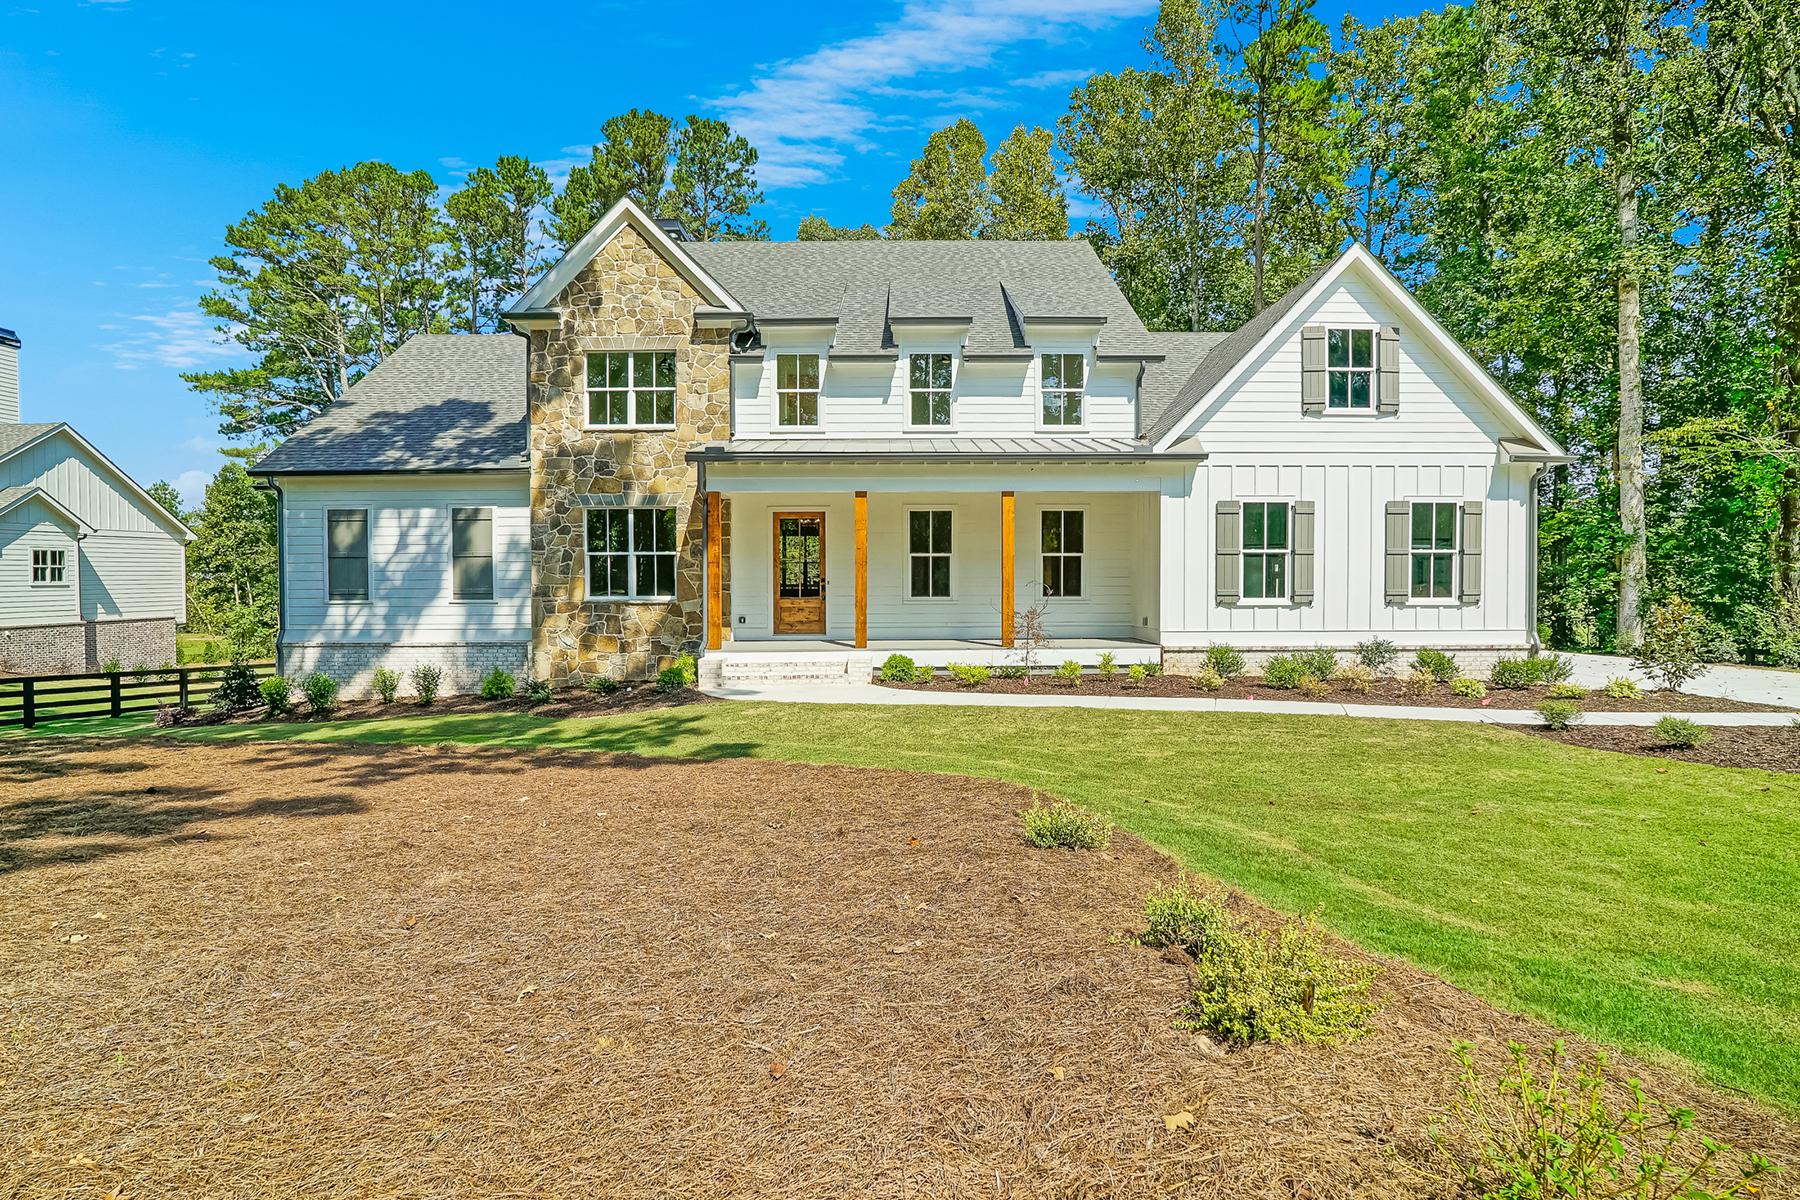 Picturesque Milton Modern Farmhouse 15430 Birmingham Hwy Milton, Georgia 30004 Hoa Kỳ